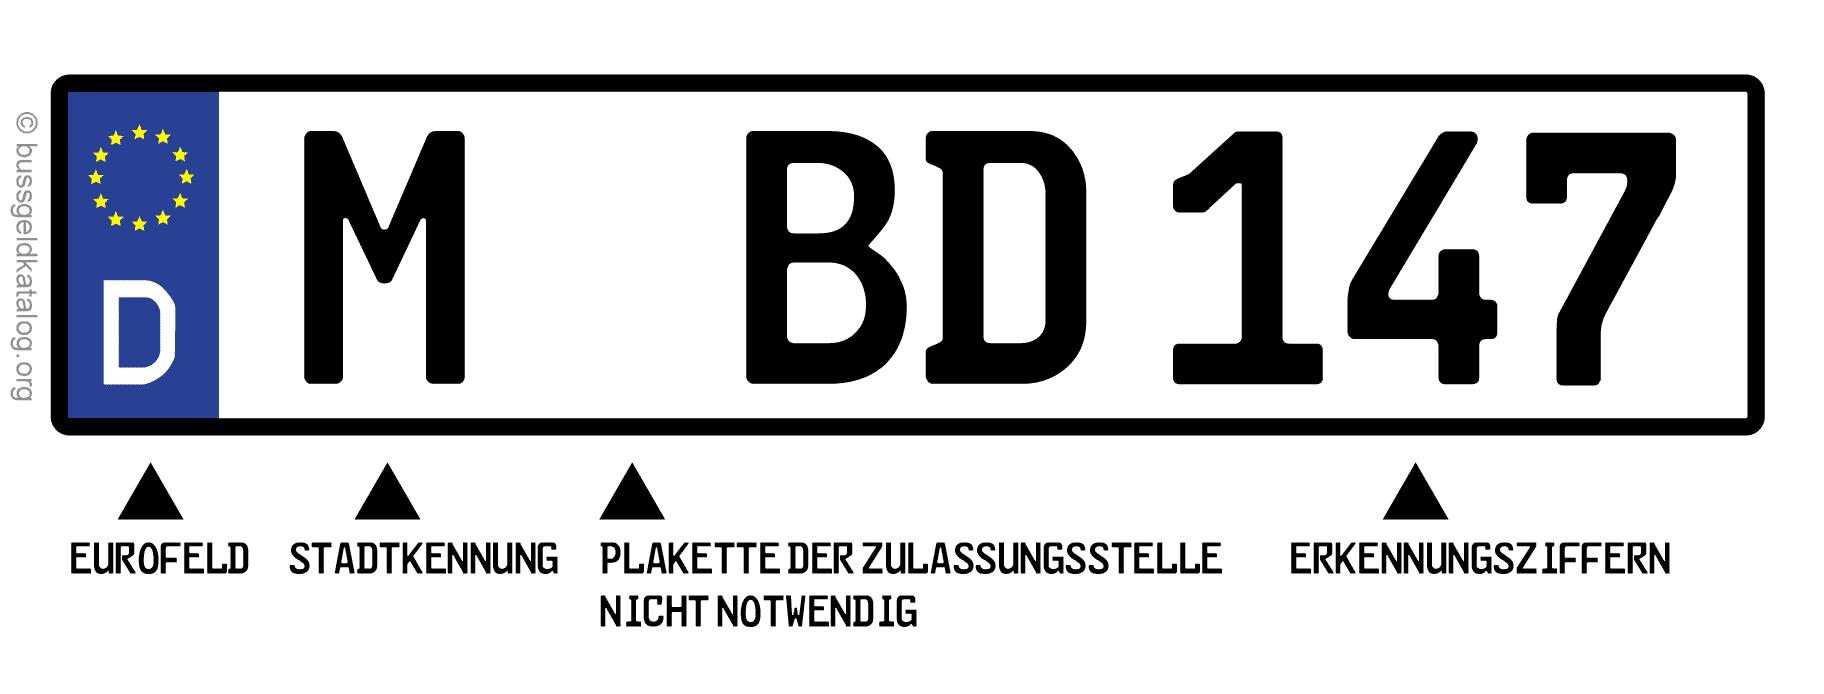 Kennzeichen für Fahrradträger: Auf Nummernschildern dürfen in der Regel keine Abdeckungen wie Folie angebracht werden.